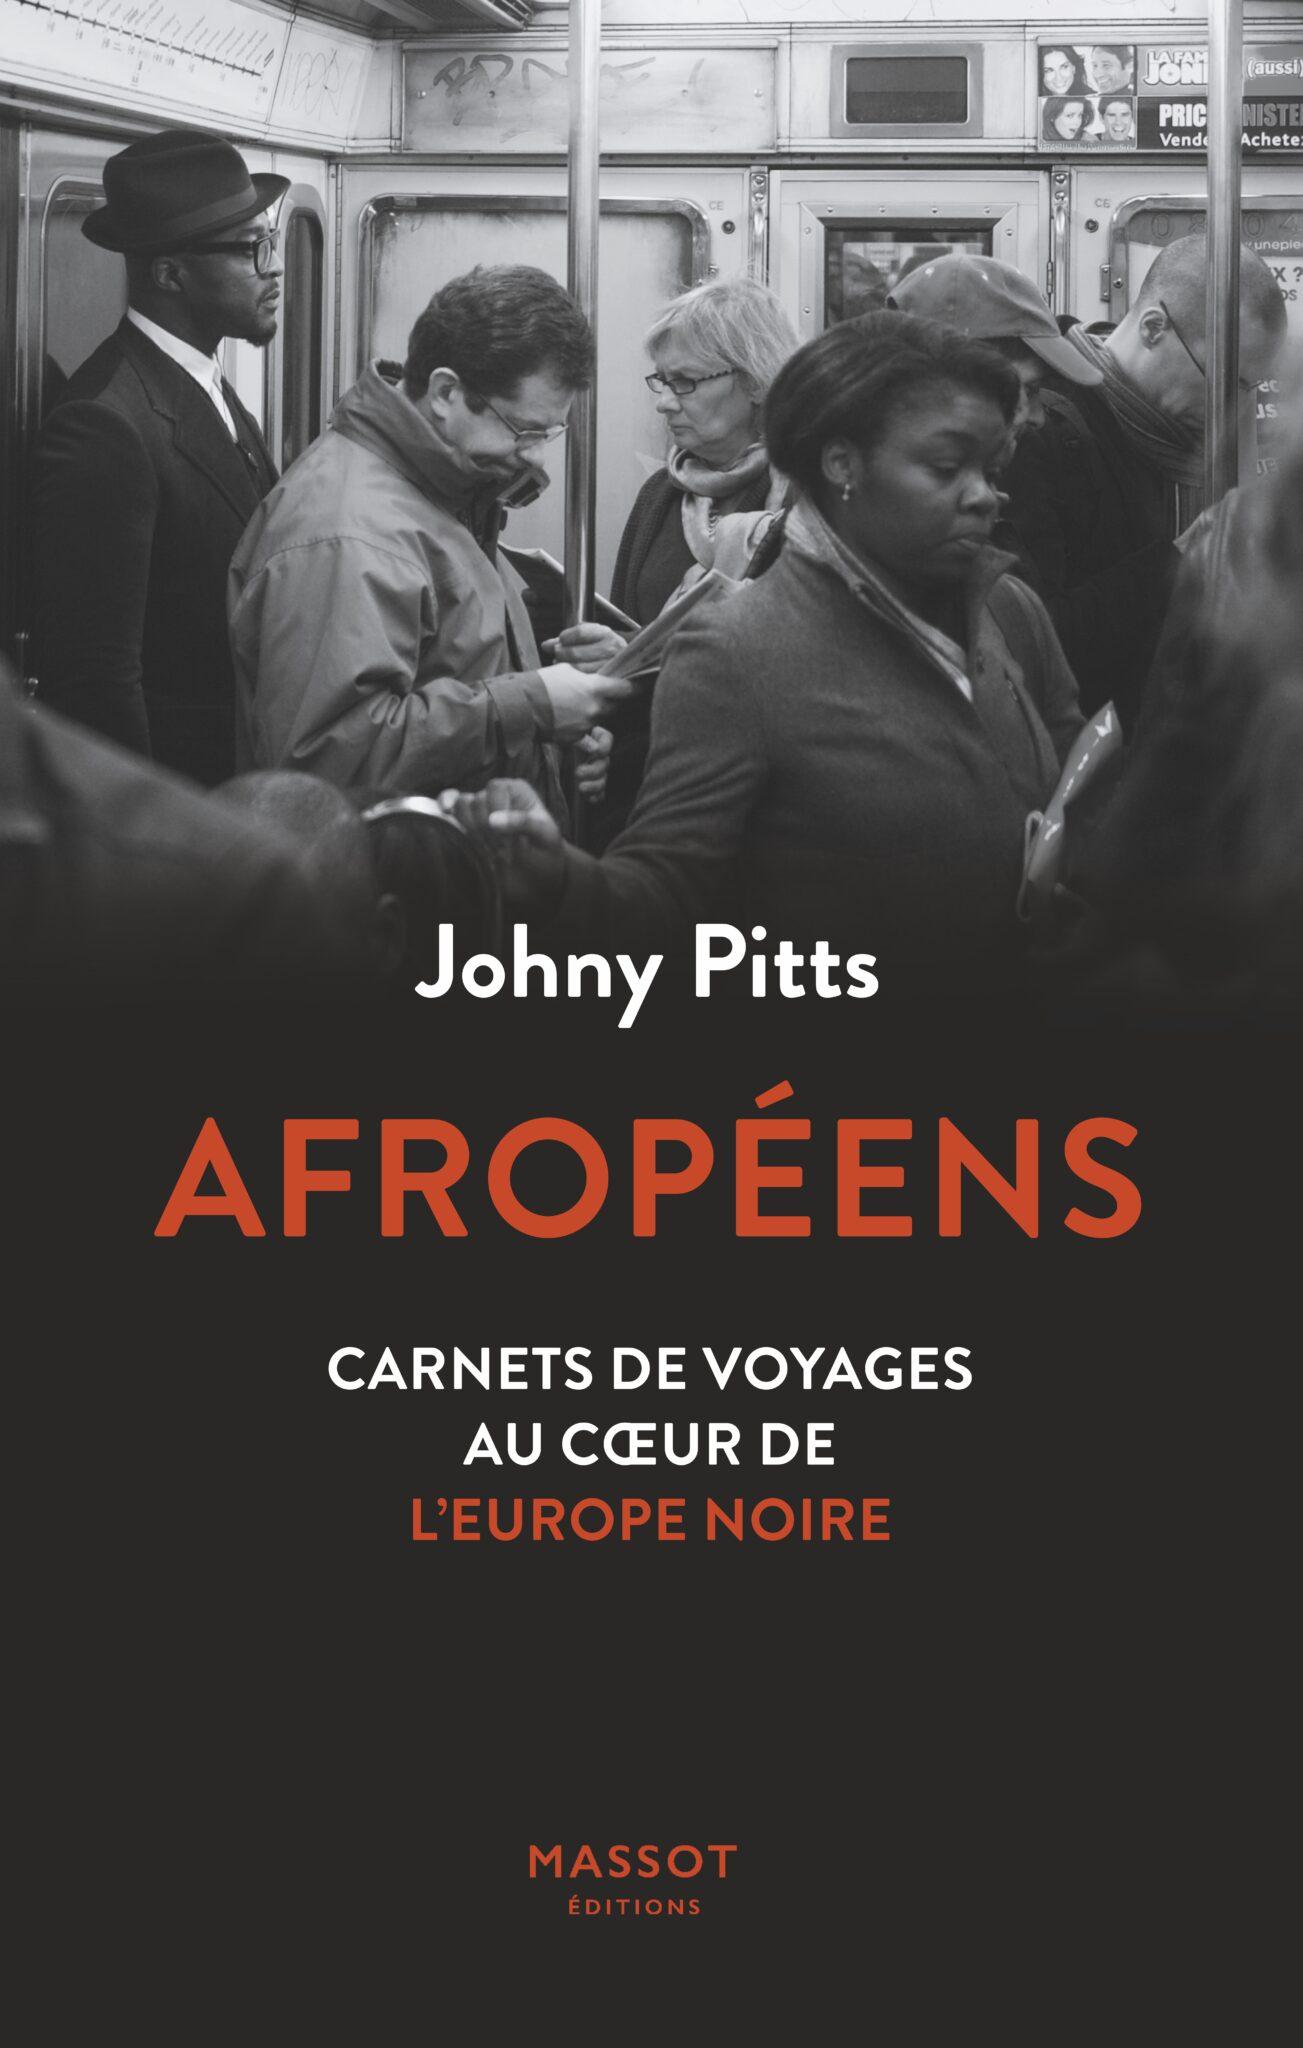 J. Pitts,Afropéens. Carnets de voyages au coeur de l'Europe noire